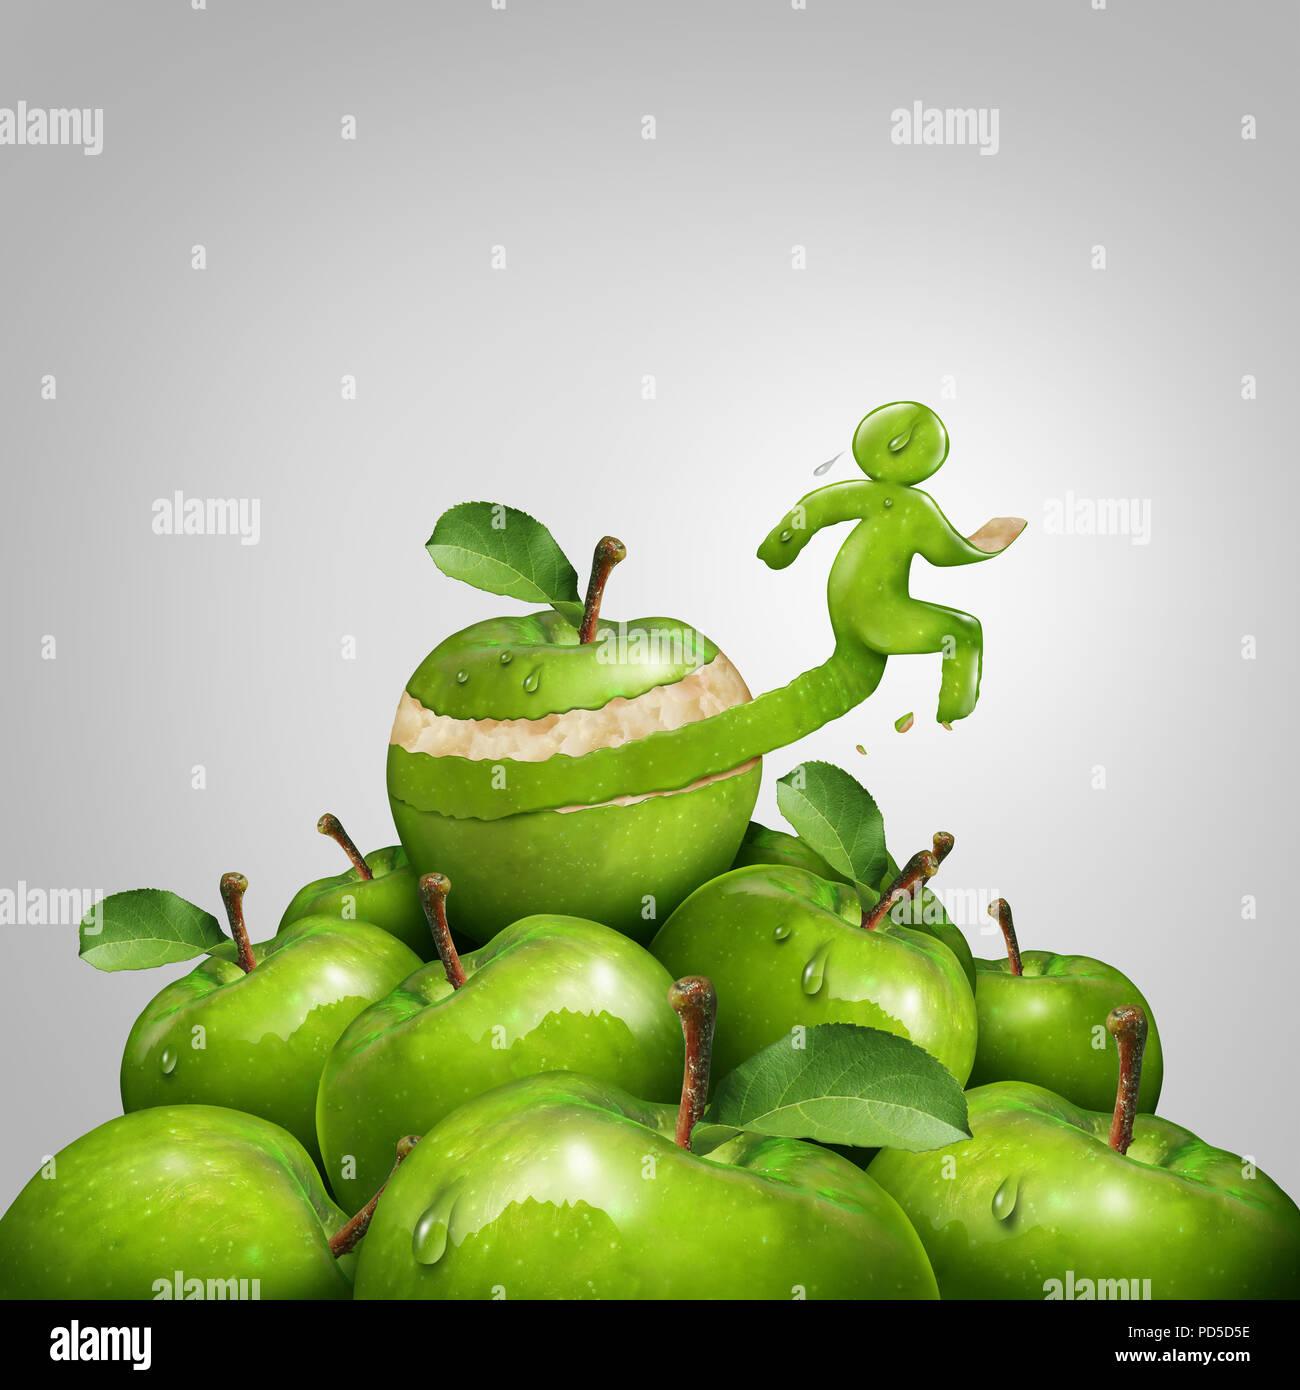 Fitness- und Gewichtsverlust Konzept als Vitalität Wohlbefinden Idee durch Bewegung und Ernährung eine Apple Peel als Läufer oder Joggen Person geprägt. Stockbild